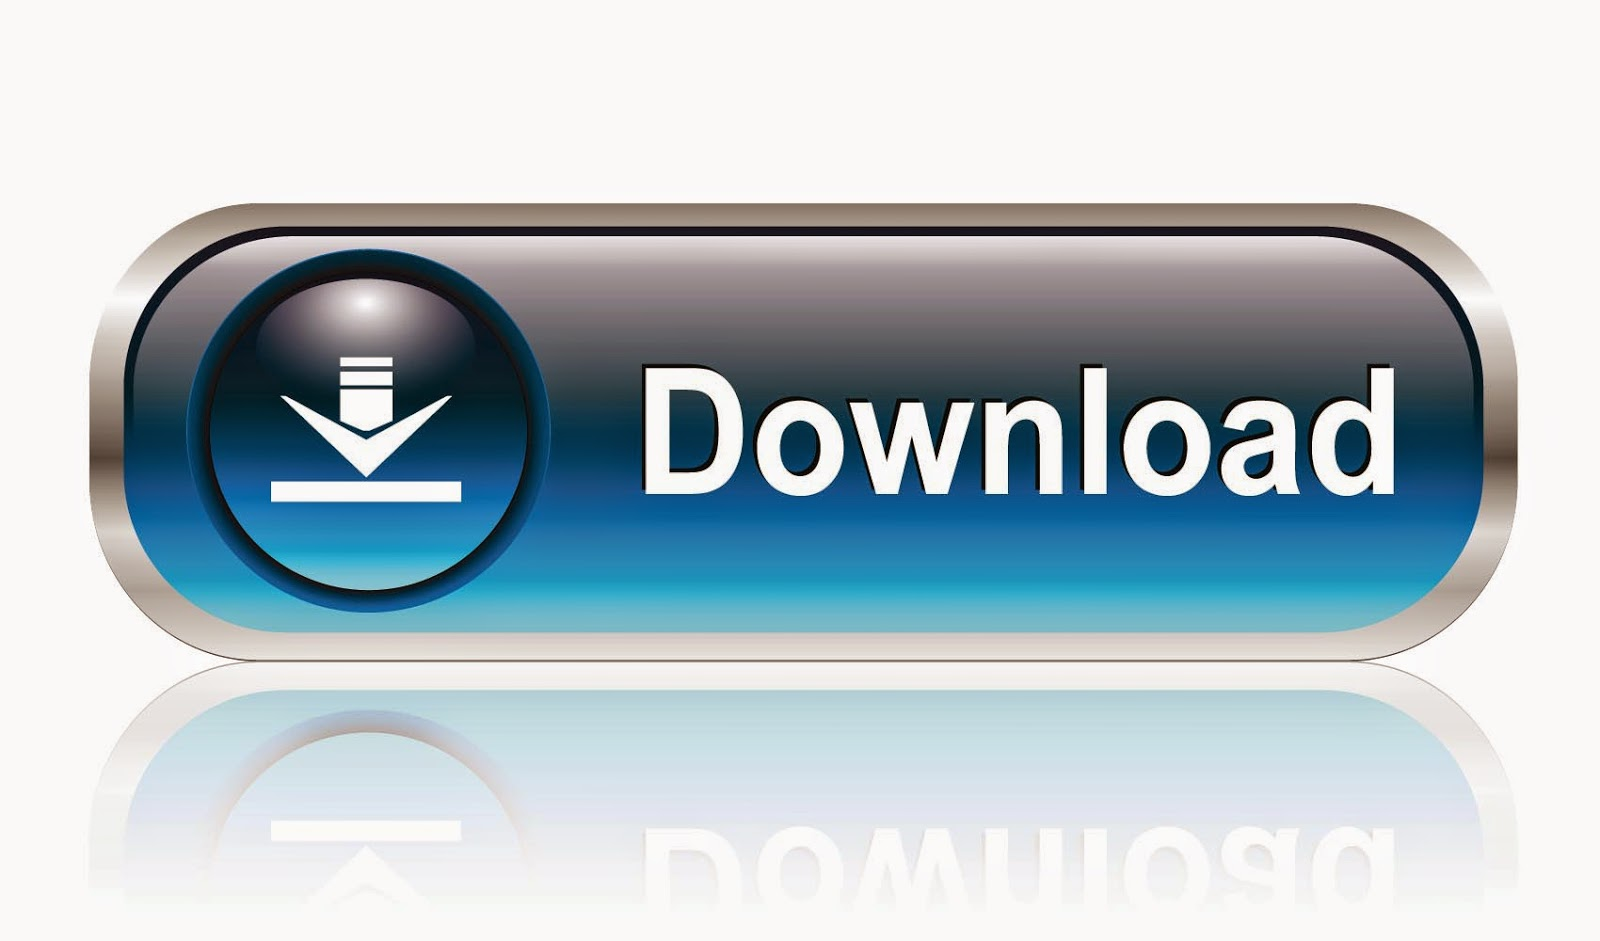 """<img src=""""http://2.bp.blogspot.com/-ODezk0uTixk/U1BENQlugbI/AAAAAAAACVc/Ck3PN3tGr_k/s1600/cyberlink-powerdvd.jpeg"""" alt=""""CyberLink PowerDVD 14 Free Download"""" />"""